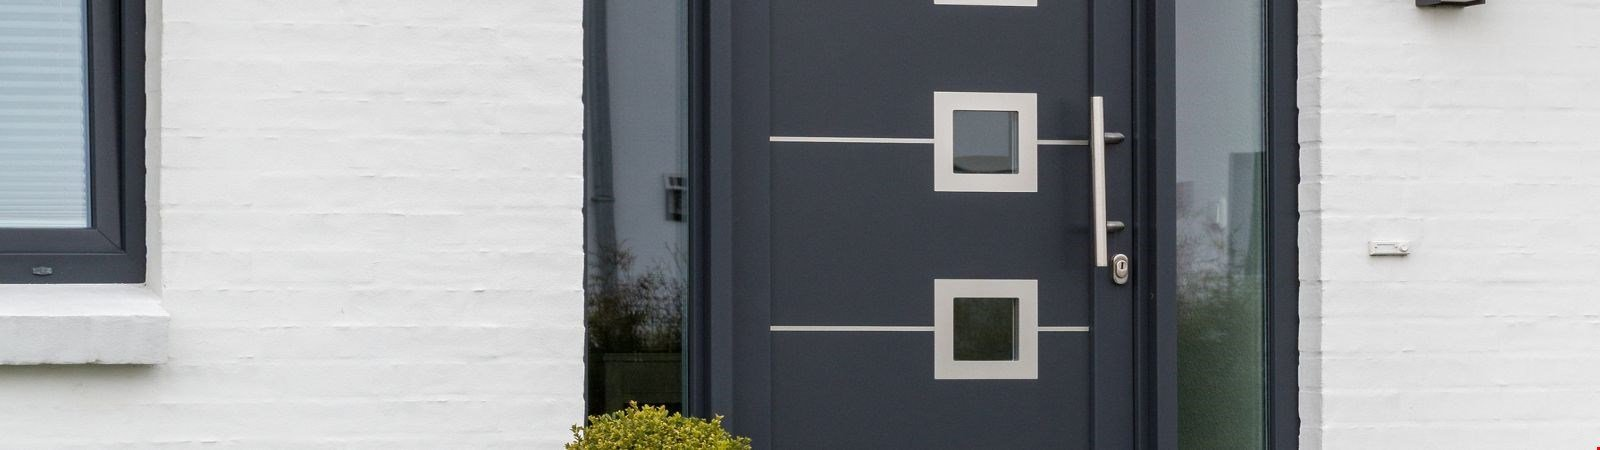 Haustür kaufen: Wärmegedämmt, sicher und elegant